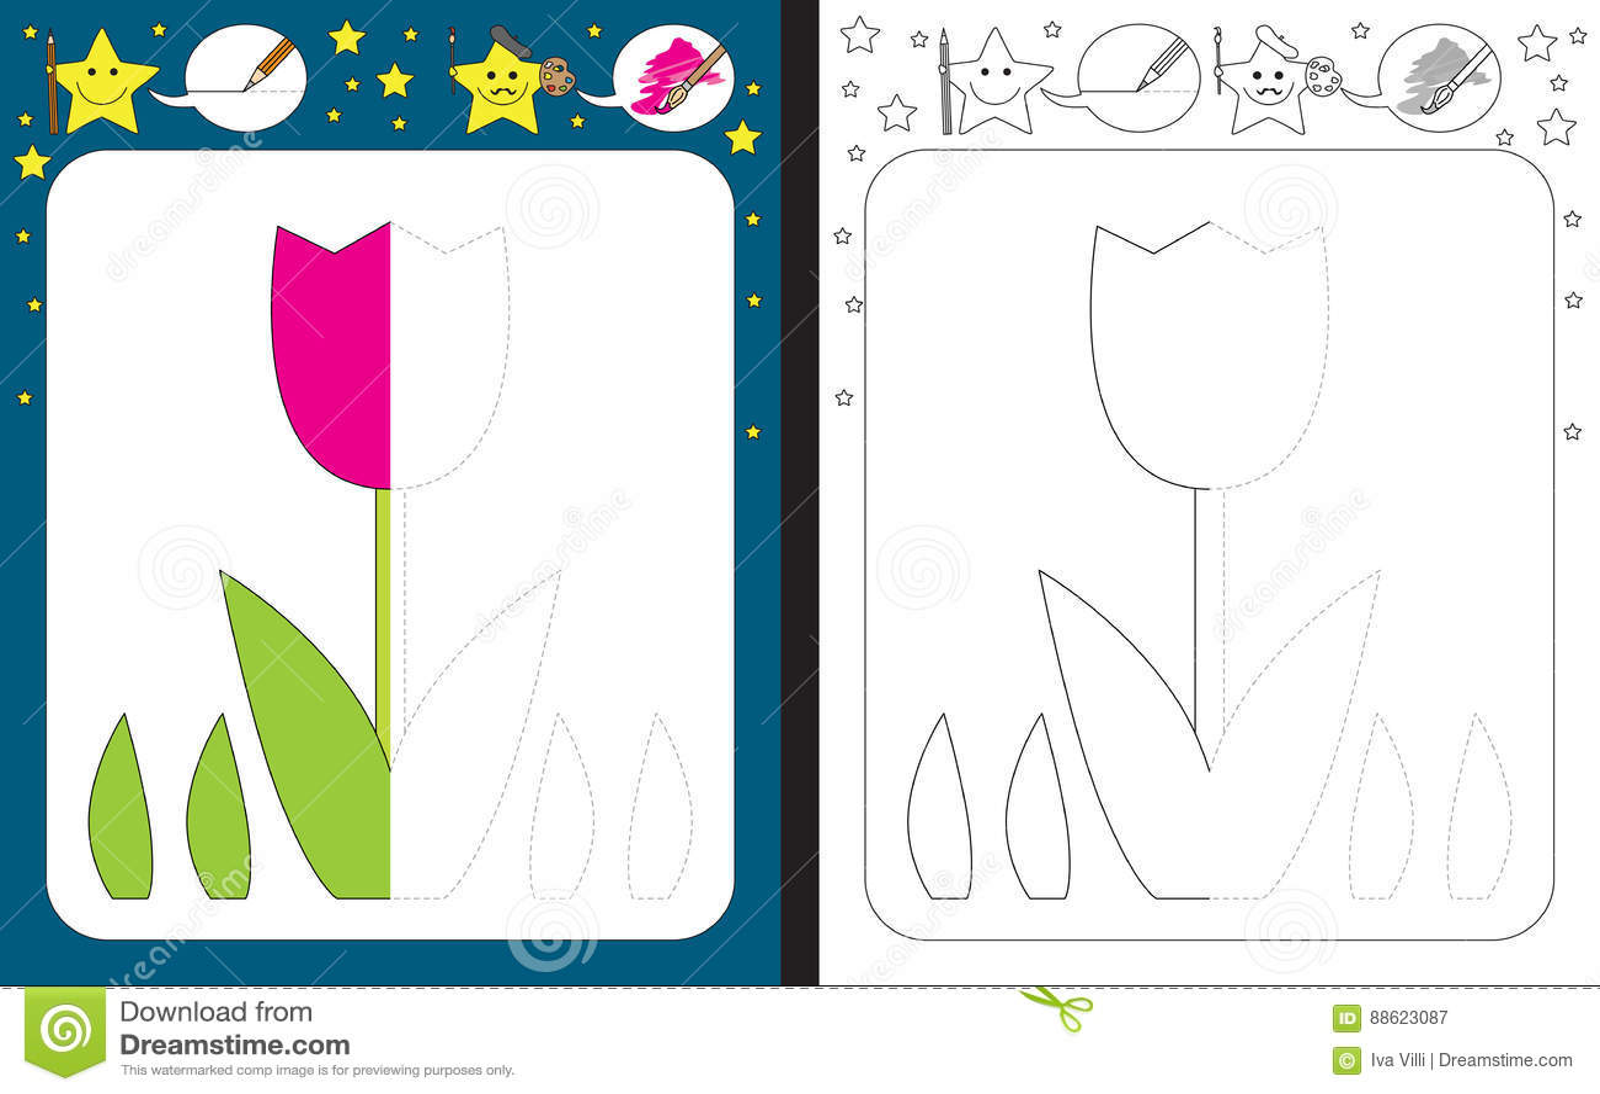 Preschool Worksheet Stock Vector Image Of Contour Cartoon